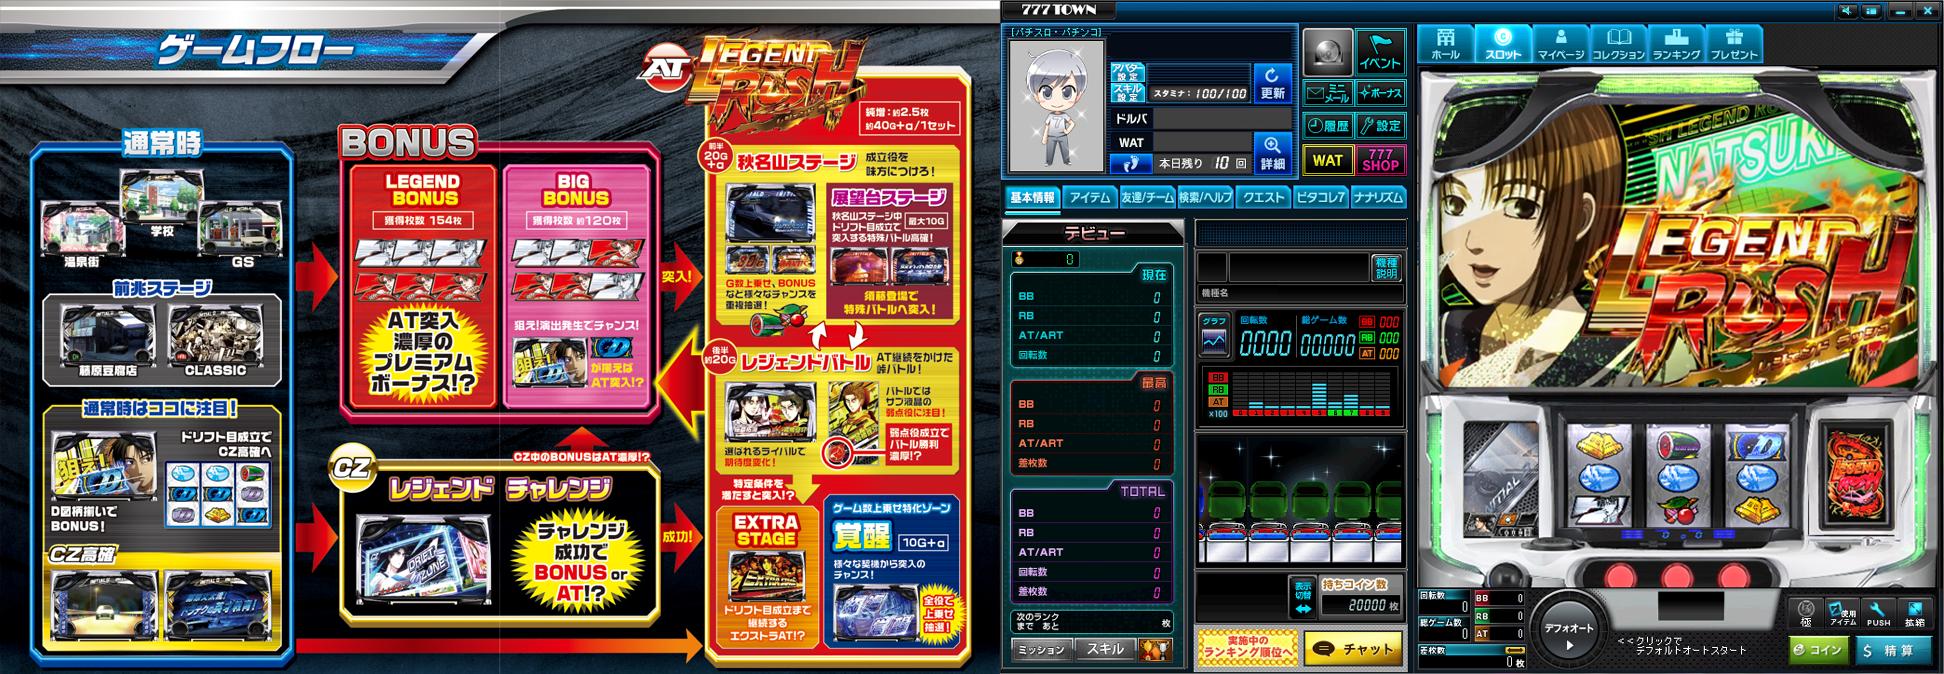 頭文字D_ゲームフロー_プレイ画面.png